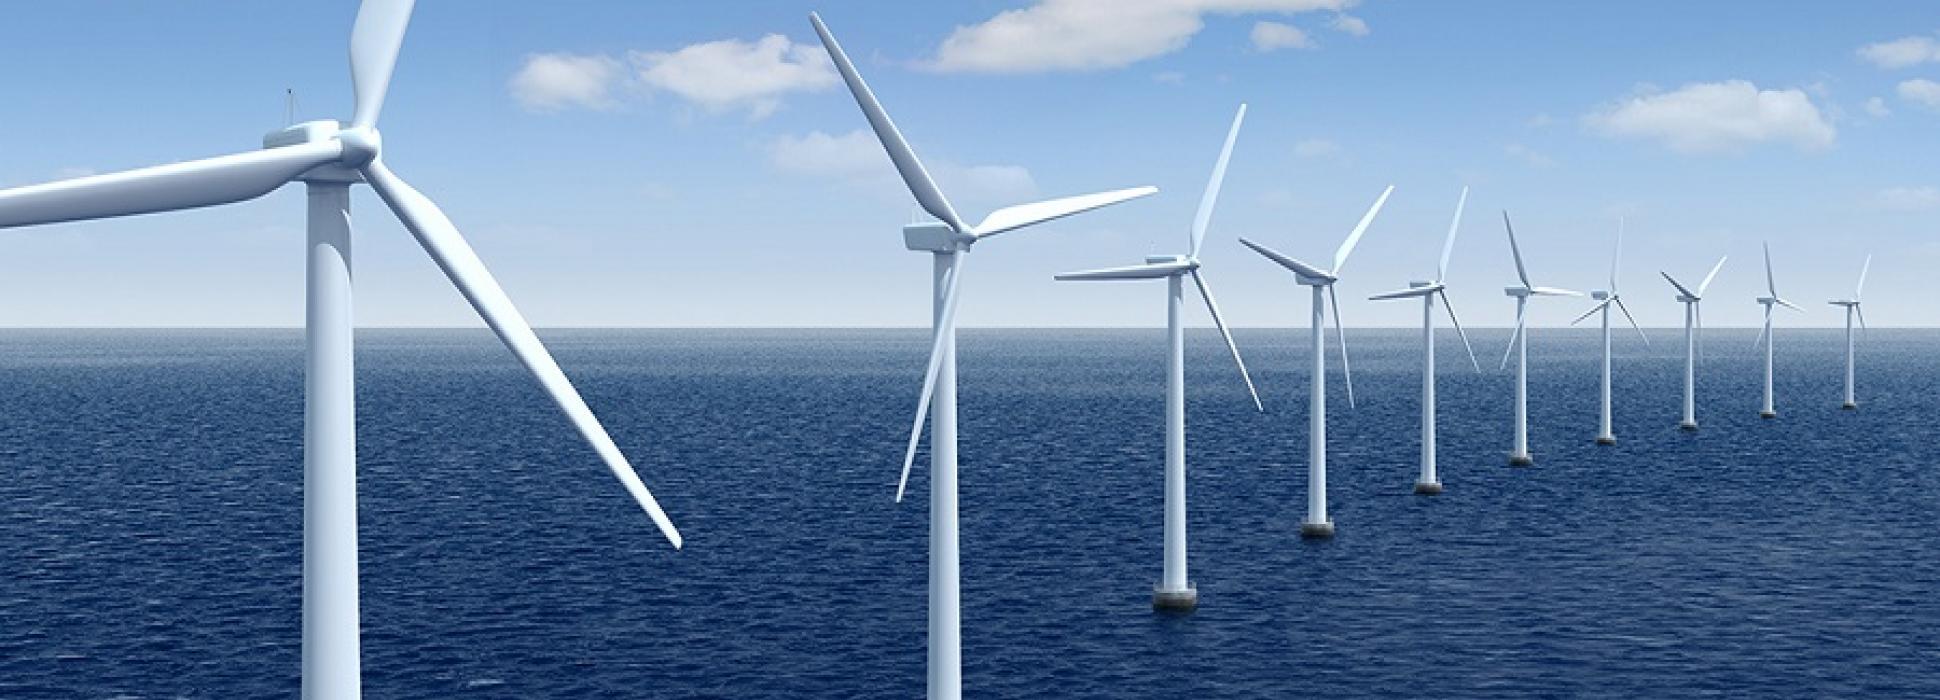 Cotentin: un nuevo parque eólico en la costa de Normandía